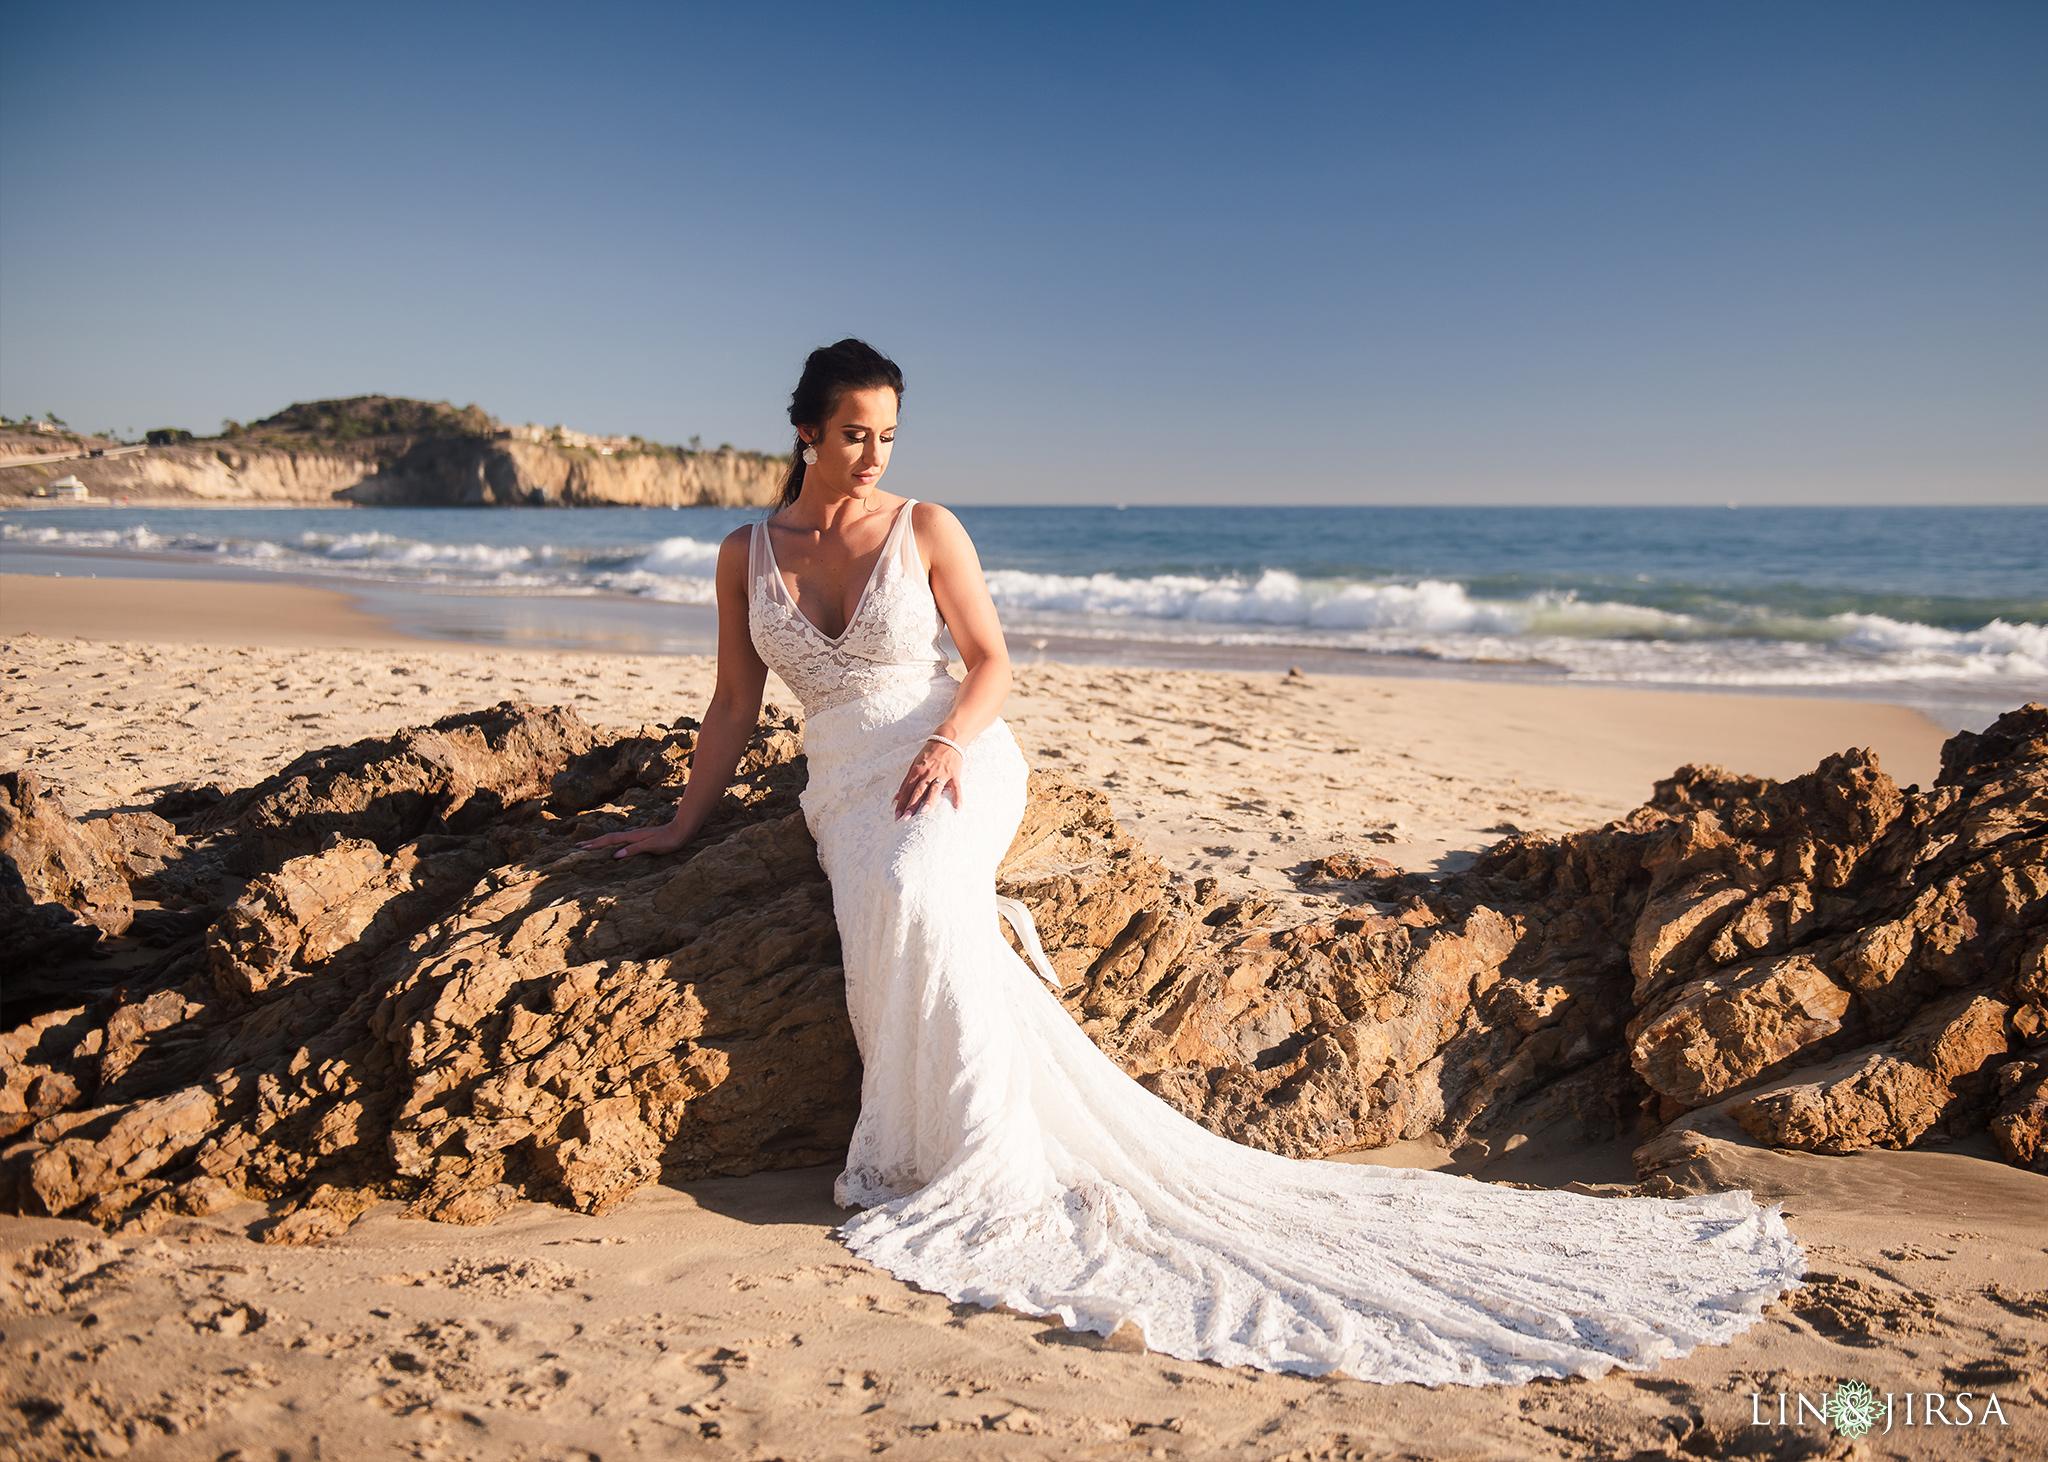 Ab 77 € bei agoda. Crystal Cove State Park Laguna Beach Wedding | Rachel & Kevin